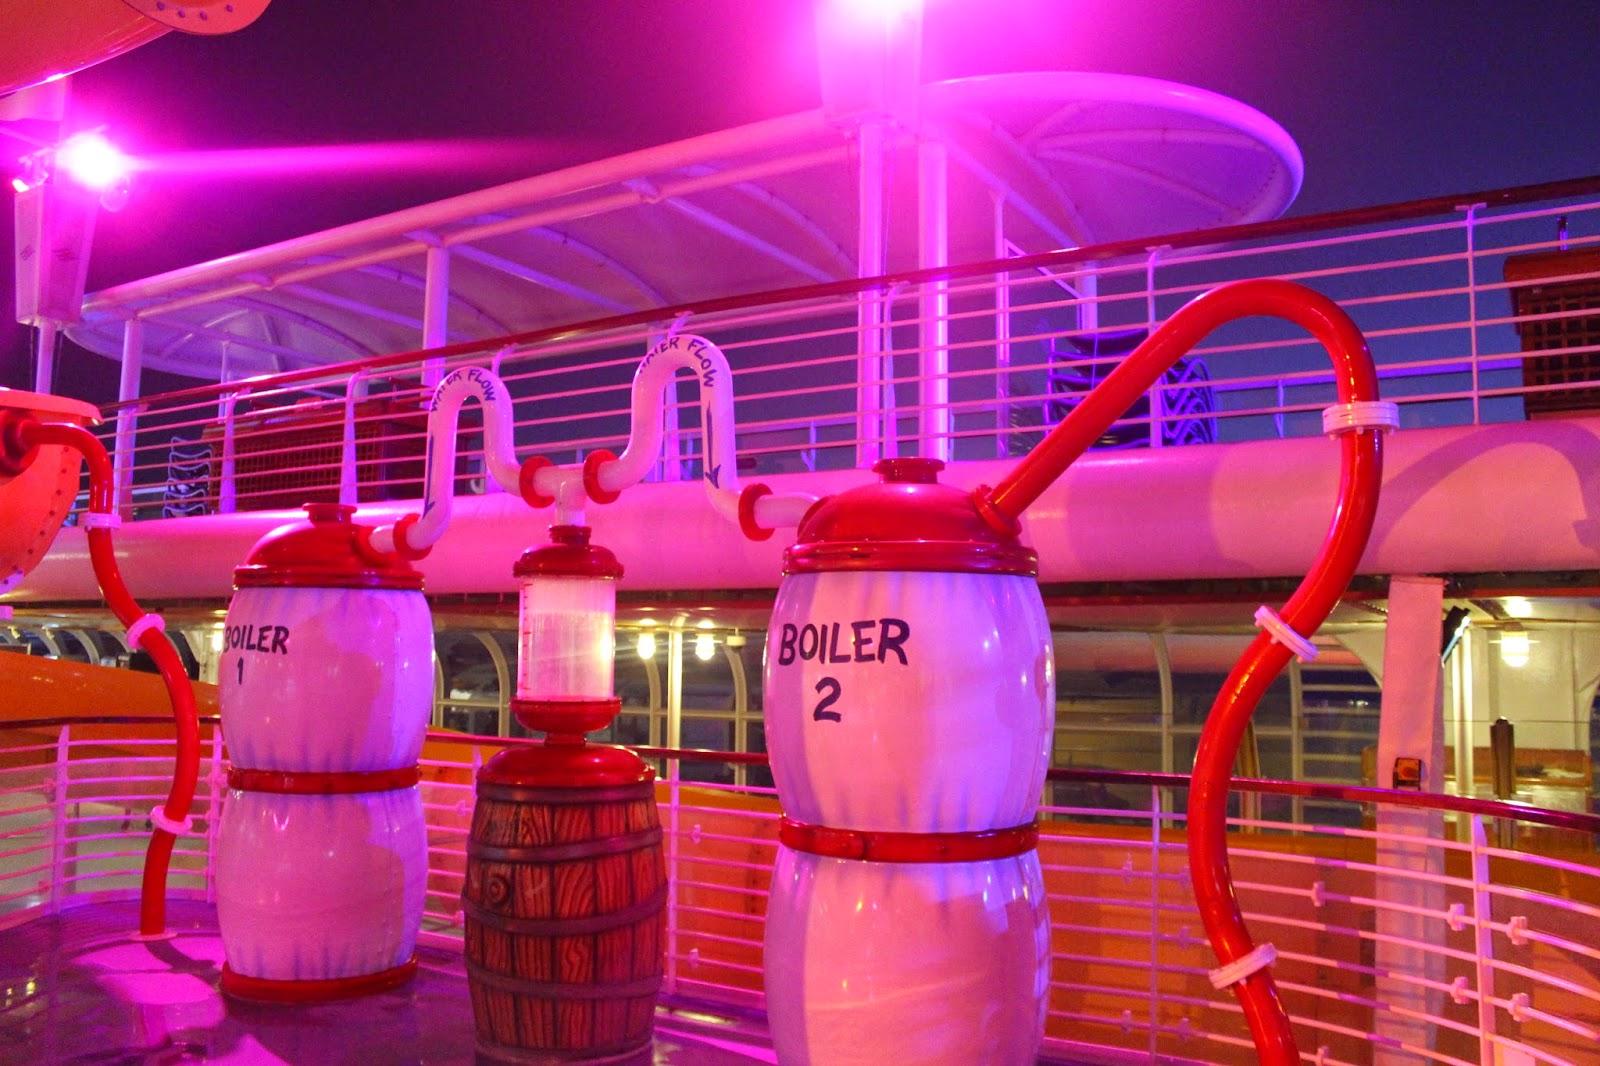 Photos of the Disney Magic Cruise Ship